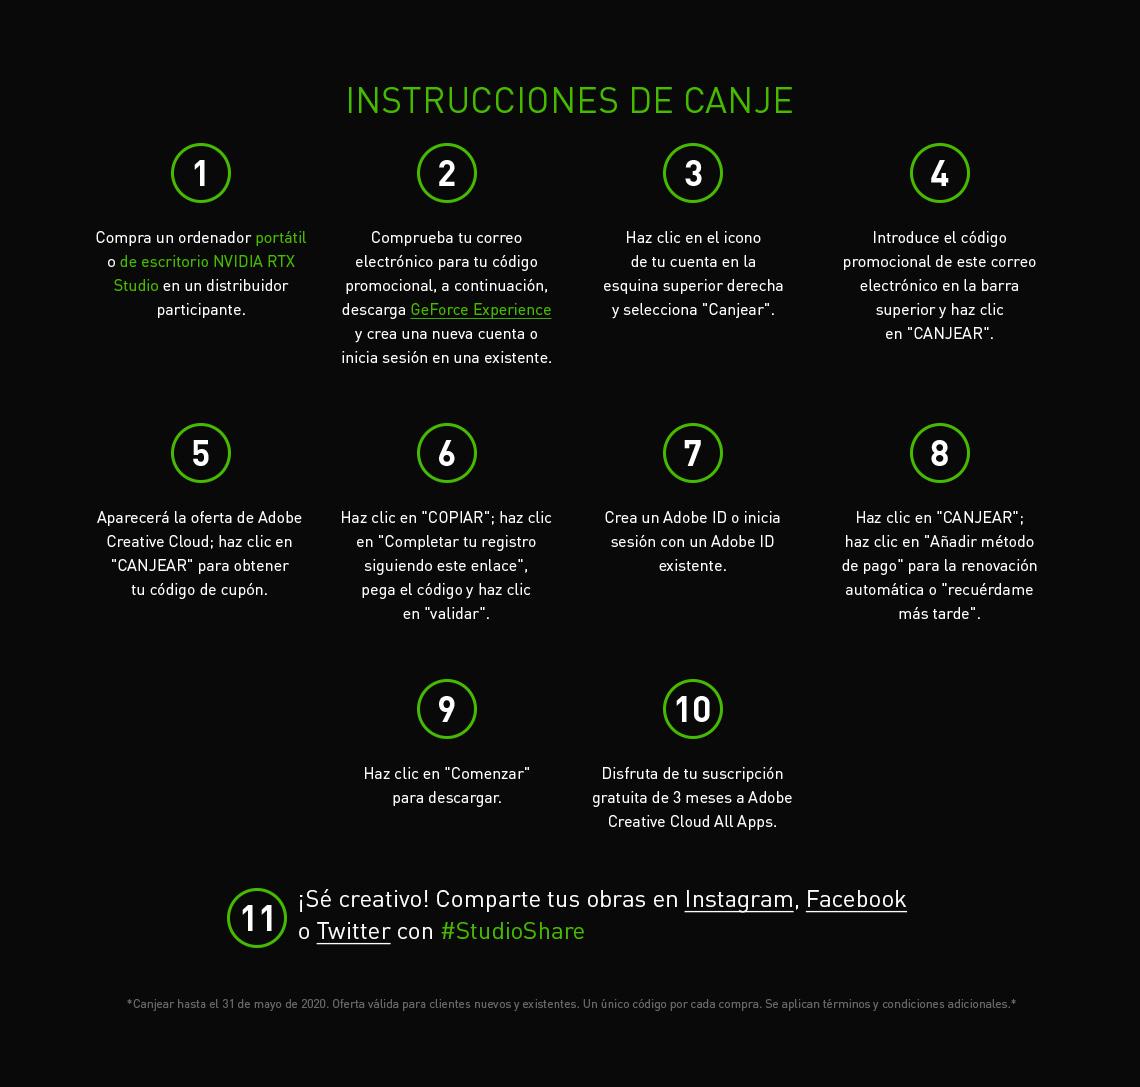 INSTRUCCIONES DE CANJE